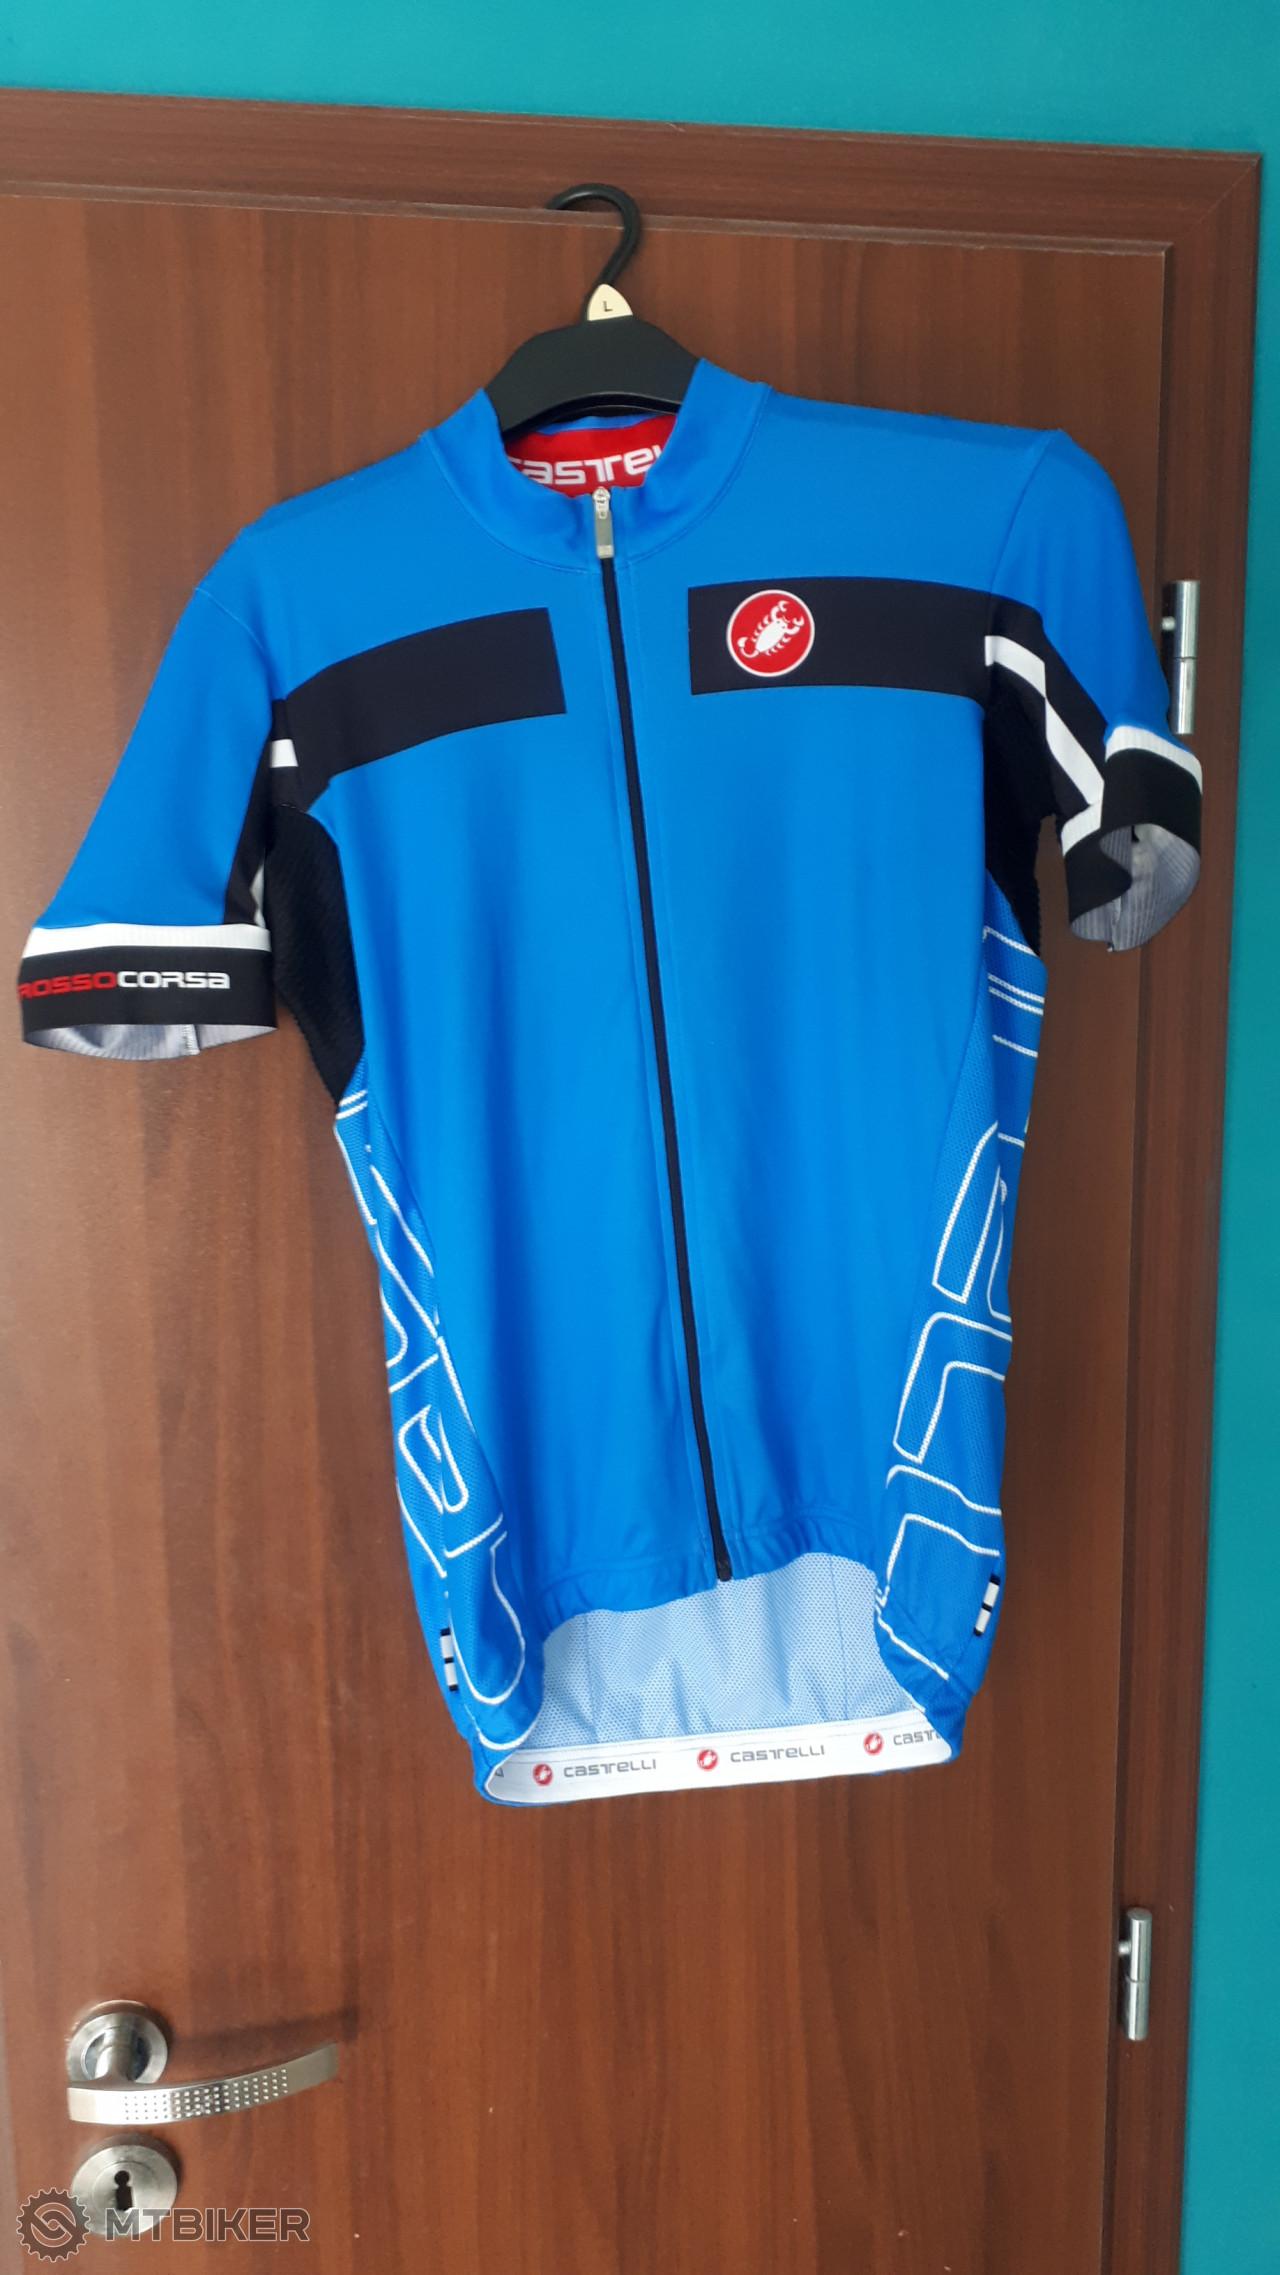 cbe3bca8d1f41 Cyklo Dres Castelli - Príslušenstvo - Oblečenie a batohy - Bazár MTBIKER